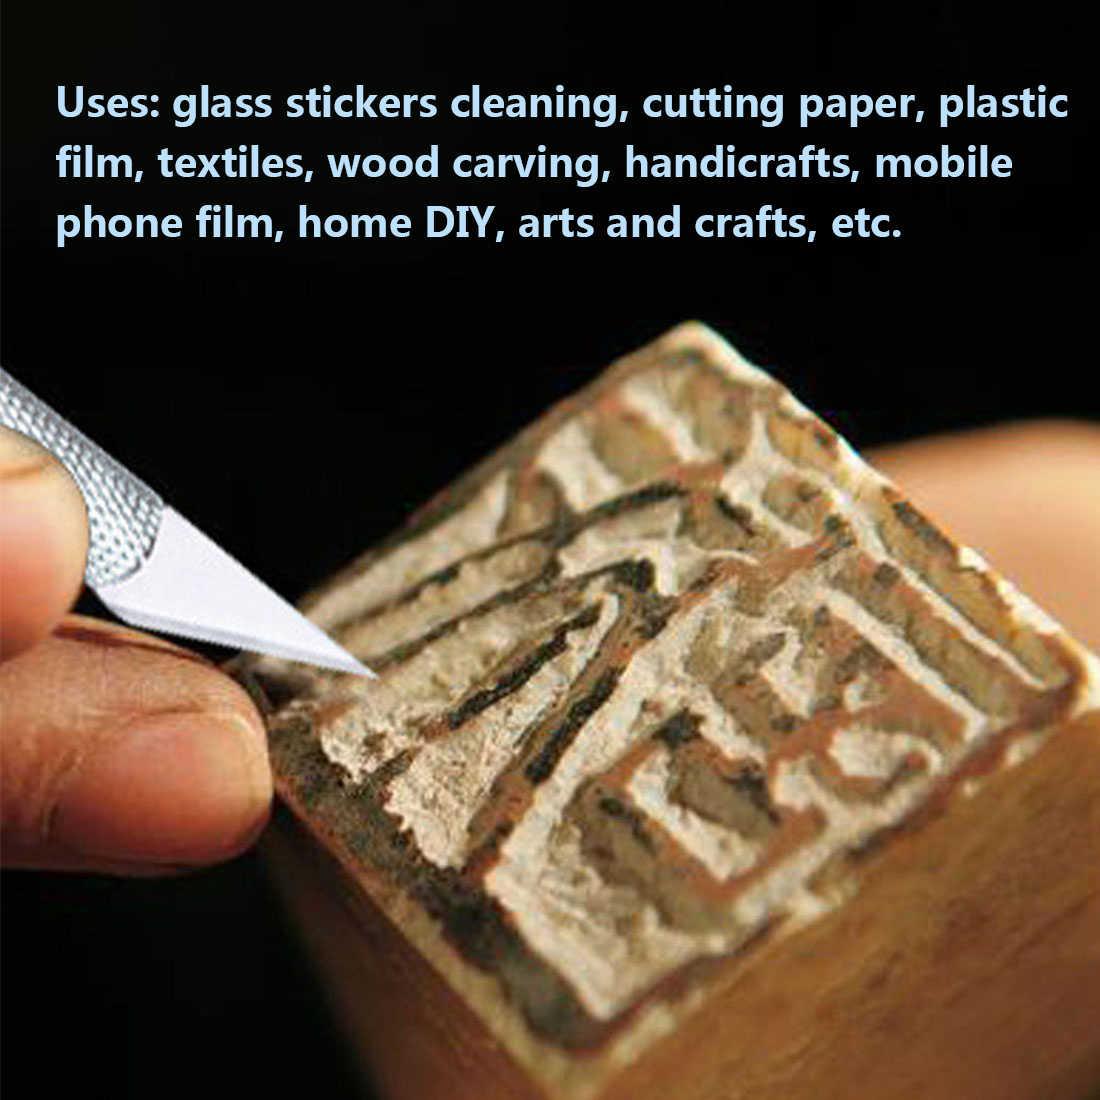 Металлическая ручка скальпель Craft ножи резак гравировка ножи для хобби с 6 шт. лезвия ручные инструменты для мобильного телефона Ноутбук PCB ремонт